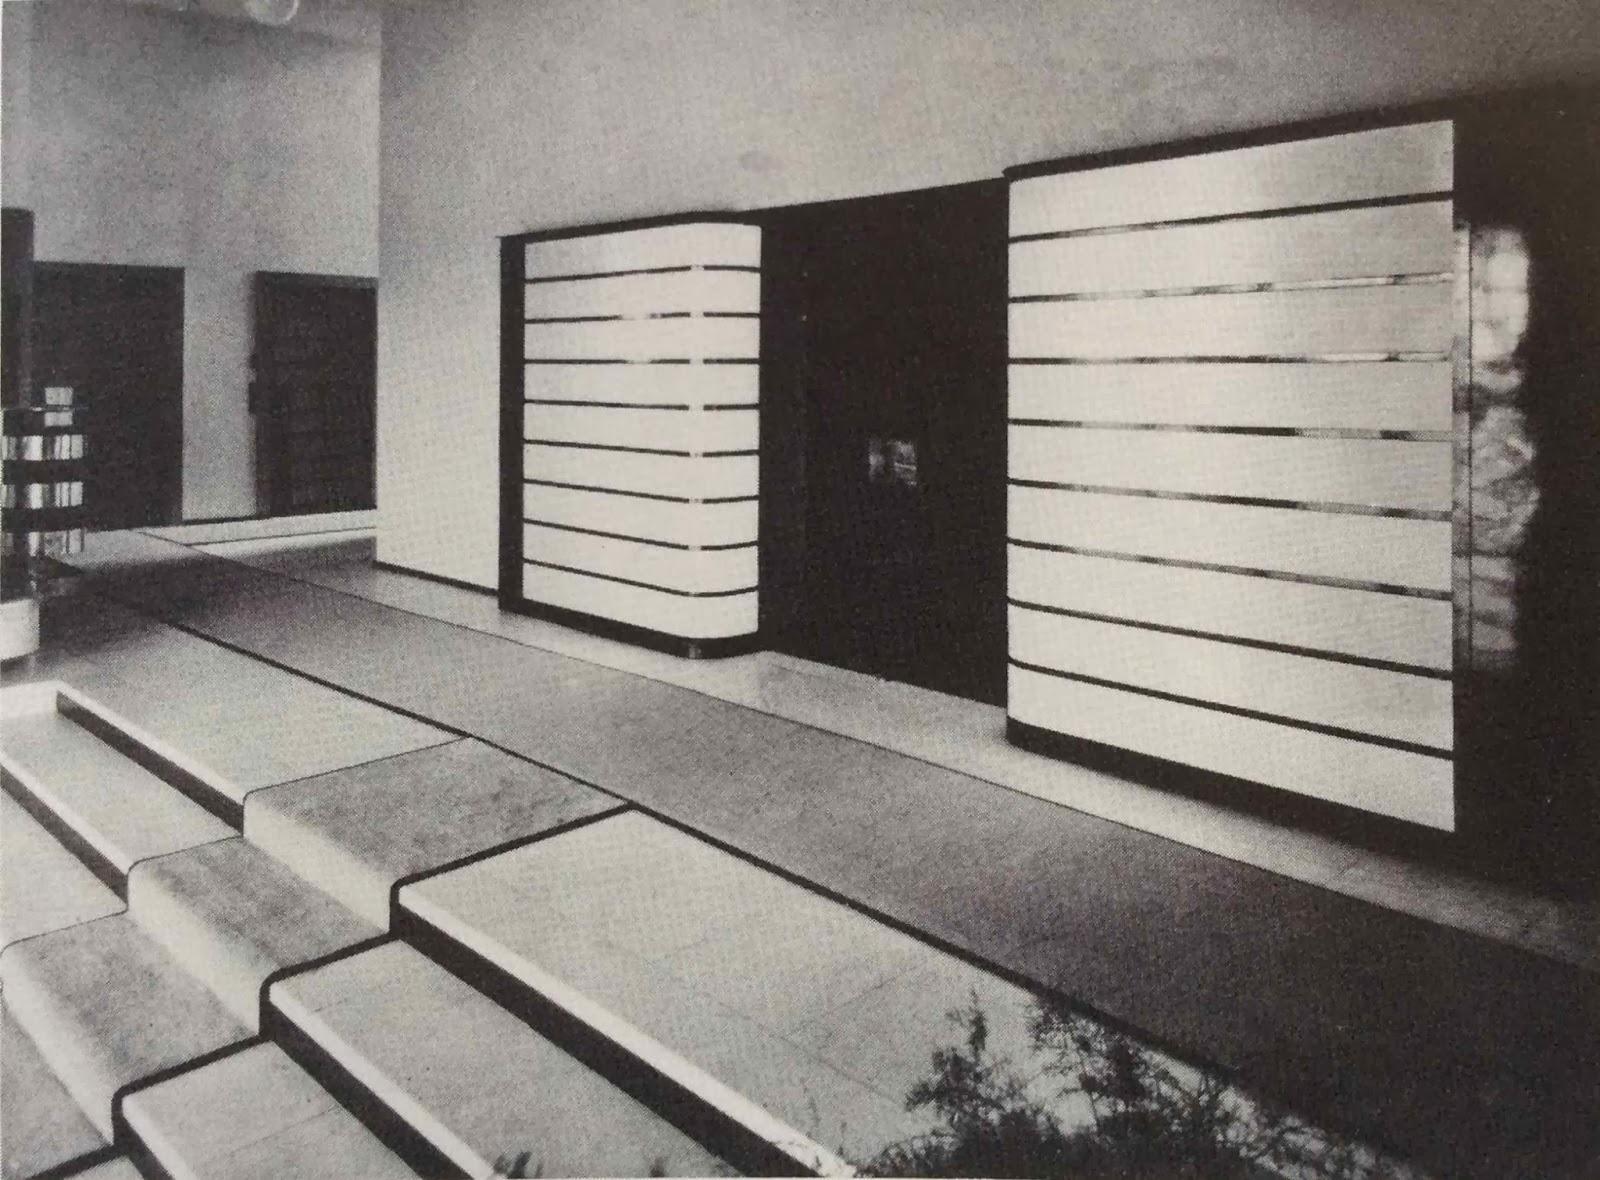 le blog des amis de la villa cavrois archives int rieures. Black Bedroom Furniture Sets. Home Design Ideas